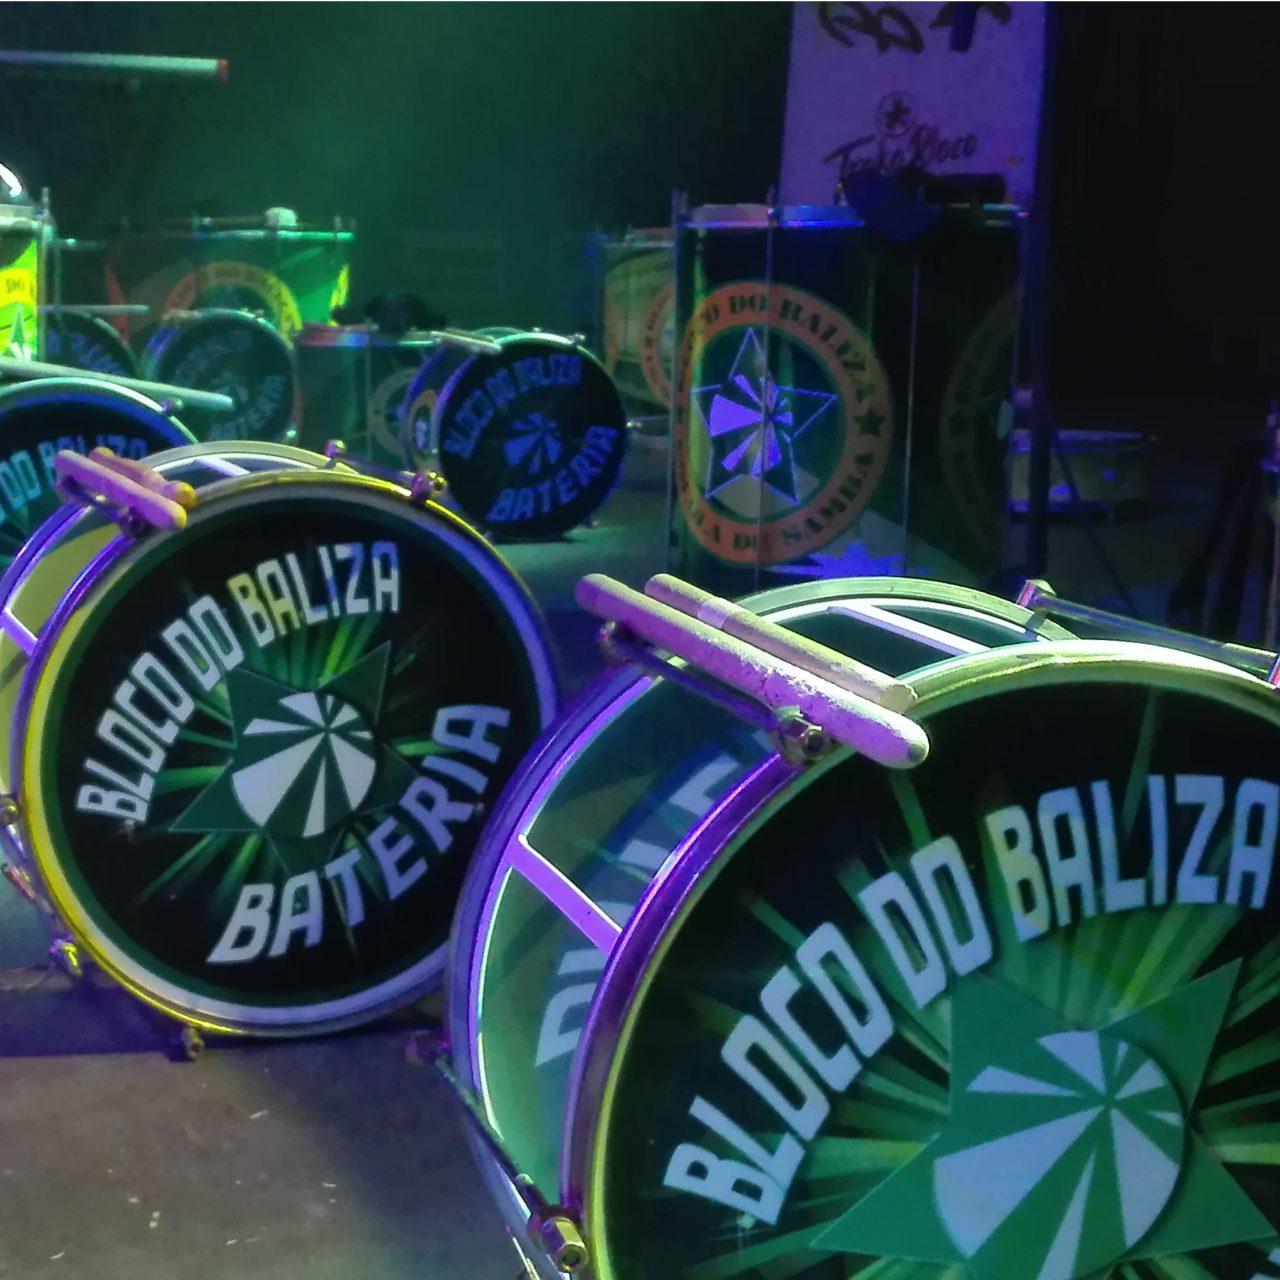 Foto de las cajas de Bloco do Baliza en el escenario, preparadas antes de una actuación